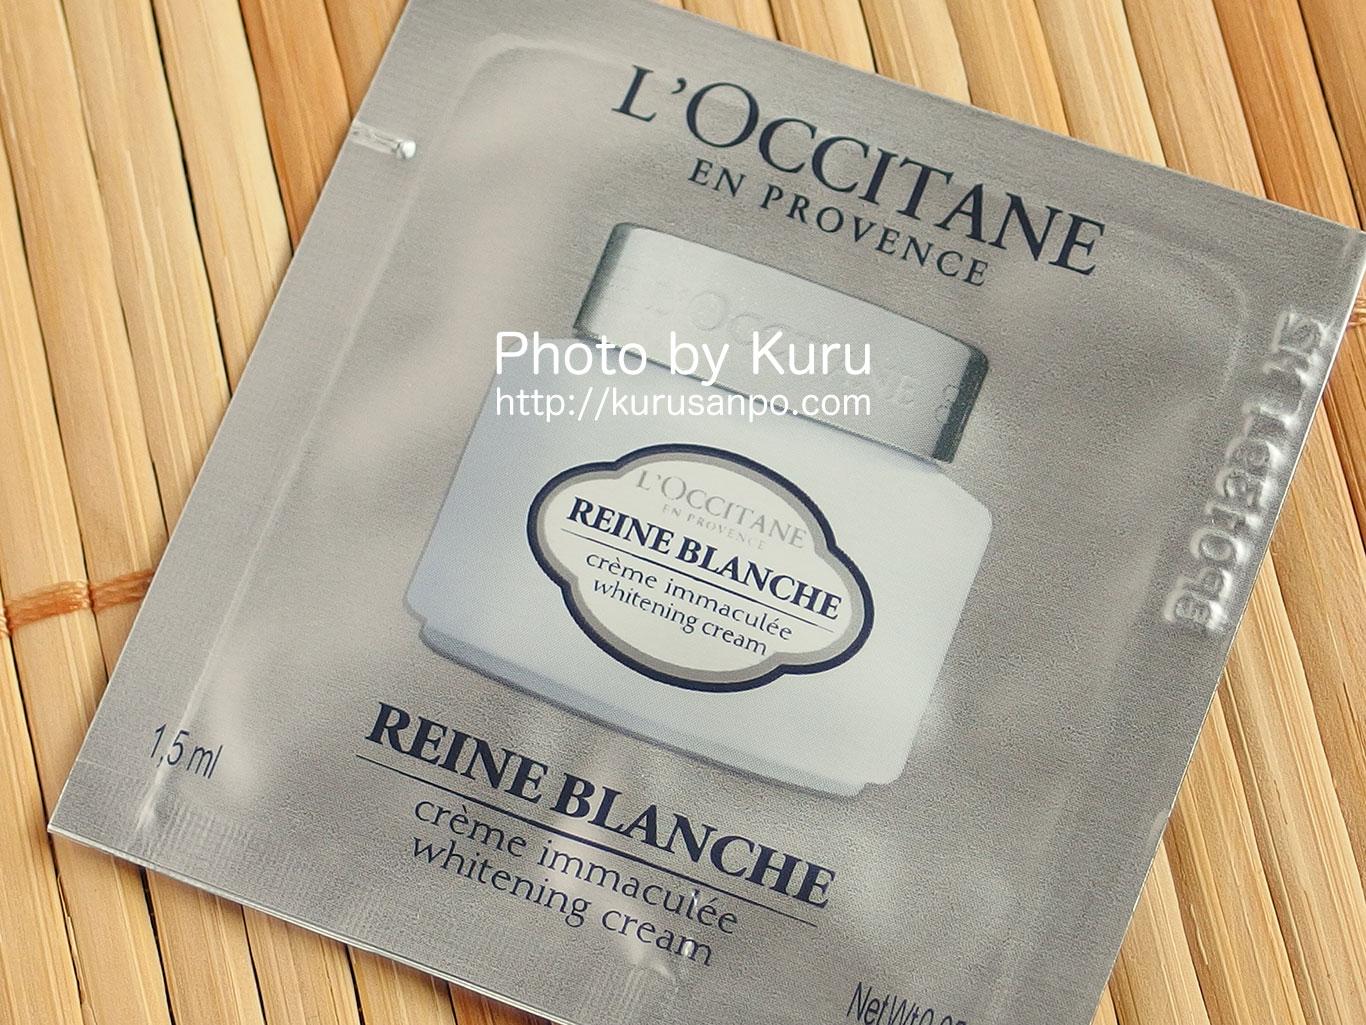 L'OCCITANE(ロクシタン)『レーヌブランシュ ホワイトニングジェルクリーム』